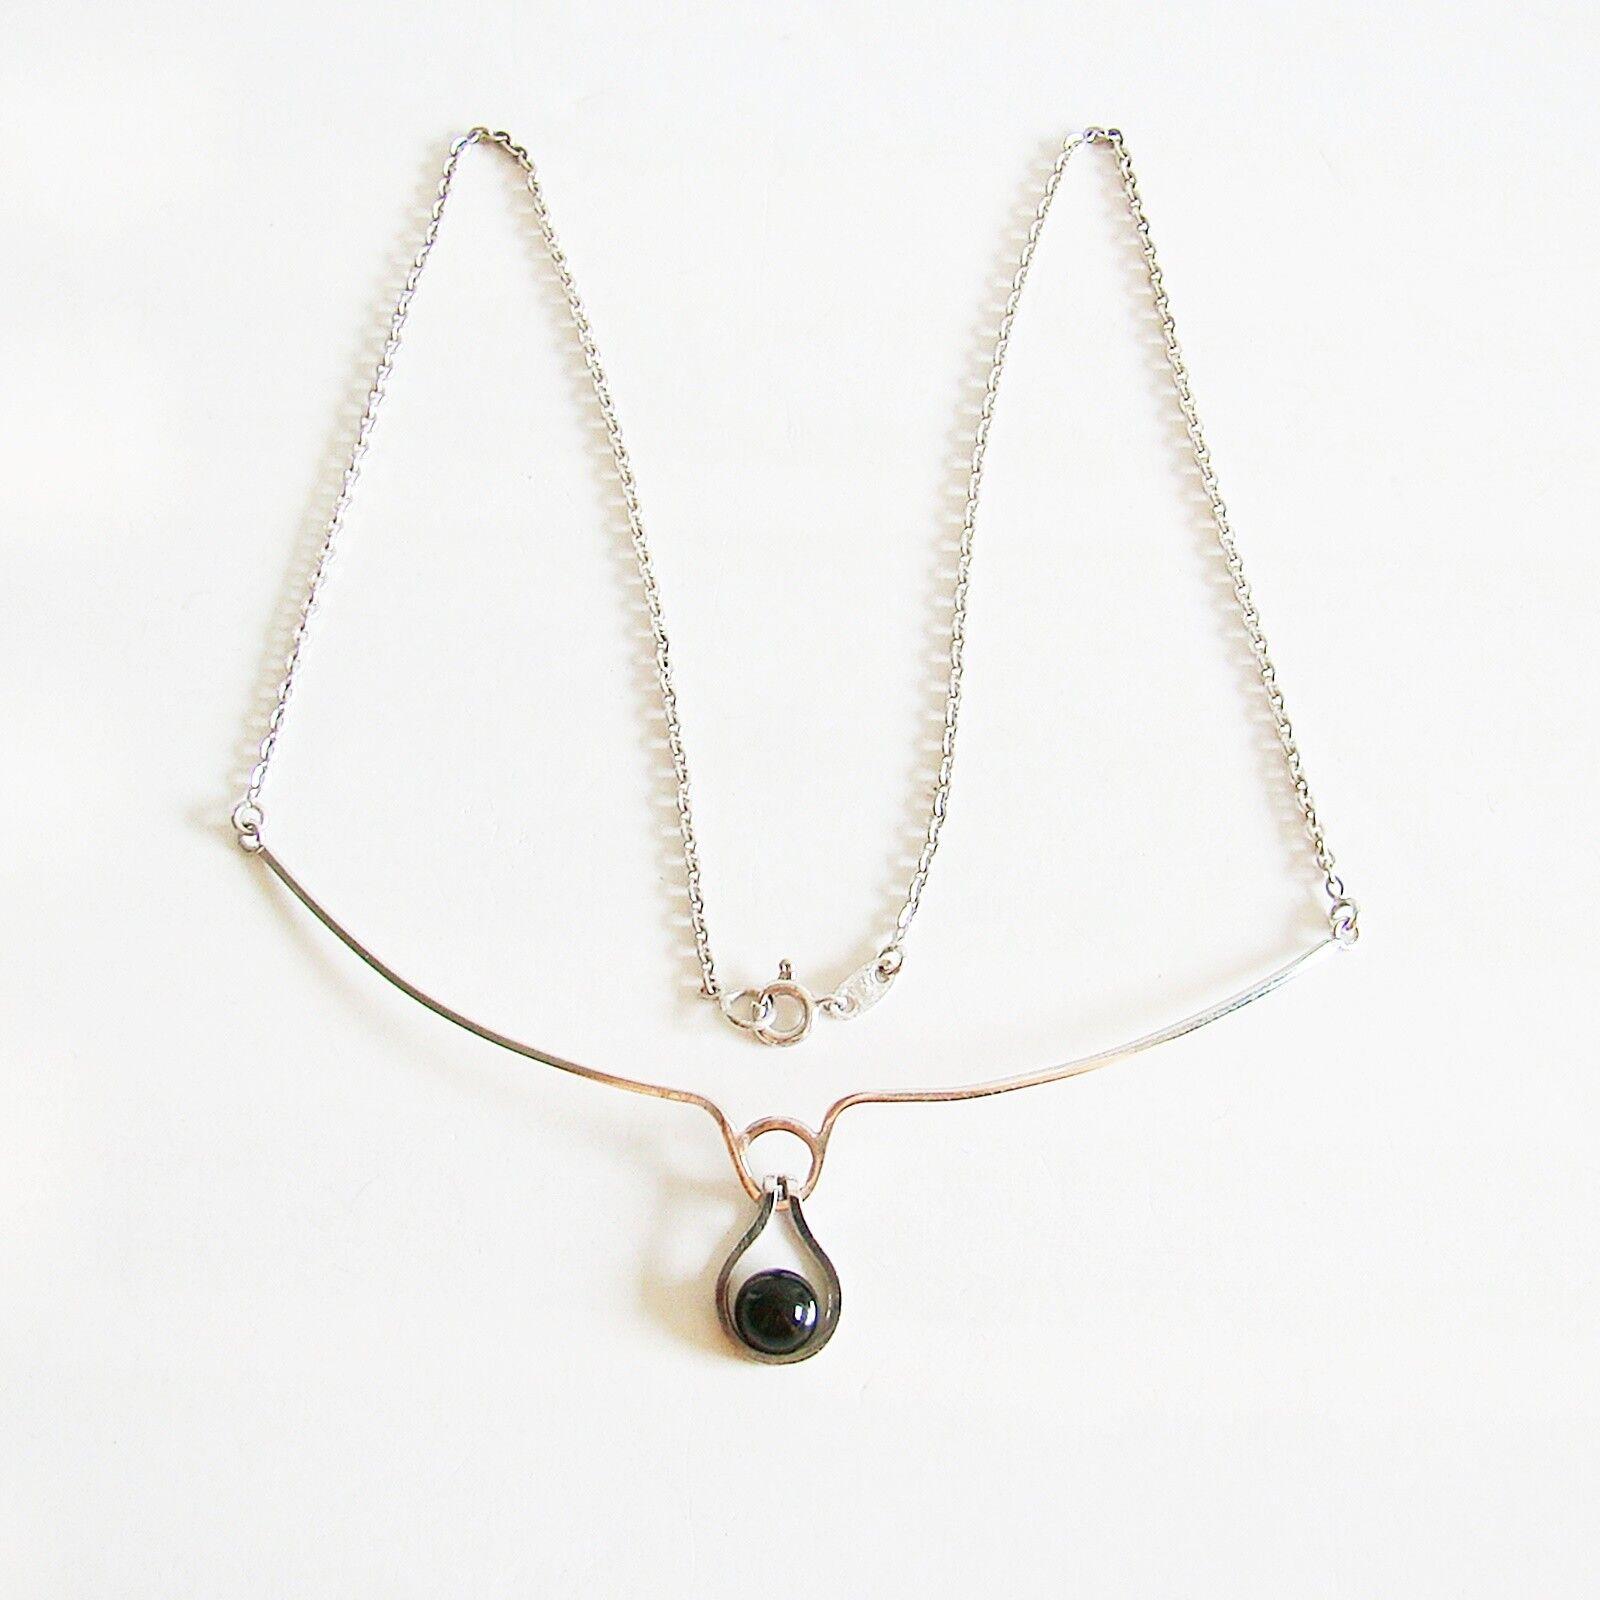 Collier oro BIANCO 333er COLLANA Onyx Onyx Onyx catena d'oro 8 kt da donna gioielli d'oro e6d001